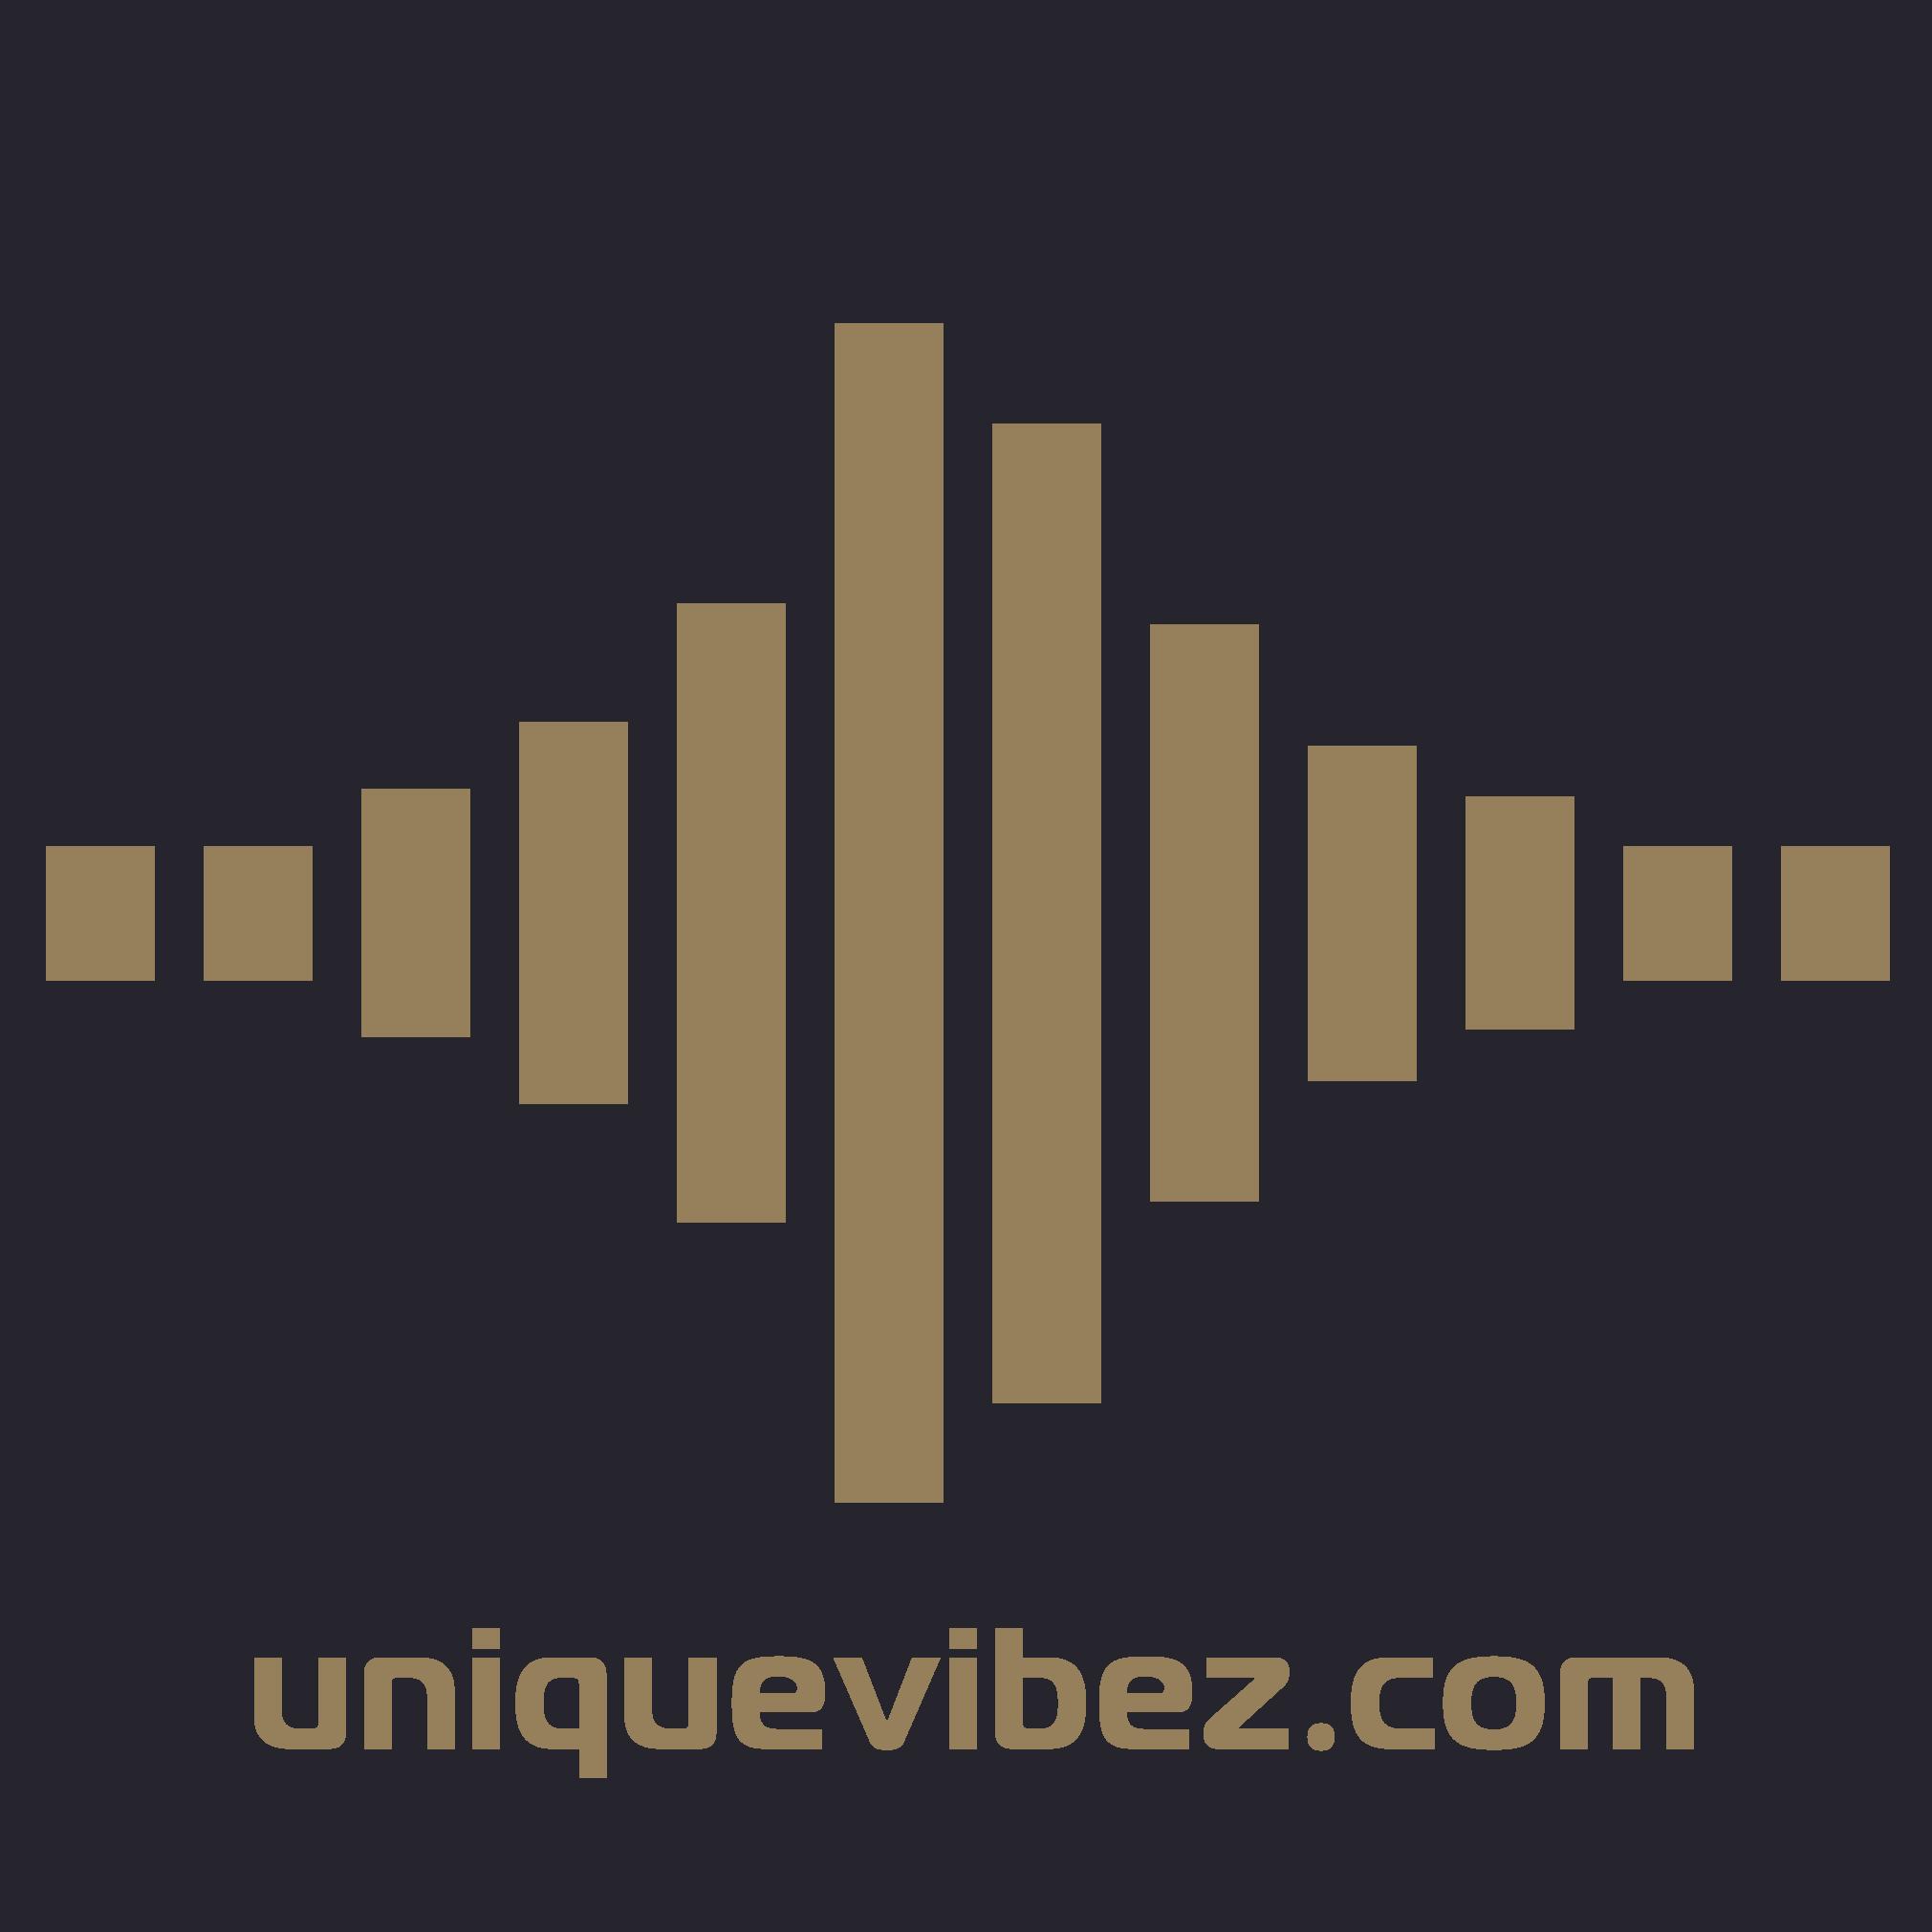 uniquevibez.com